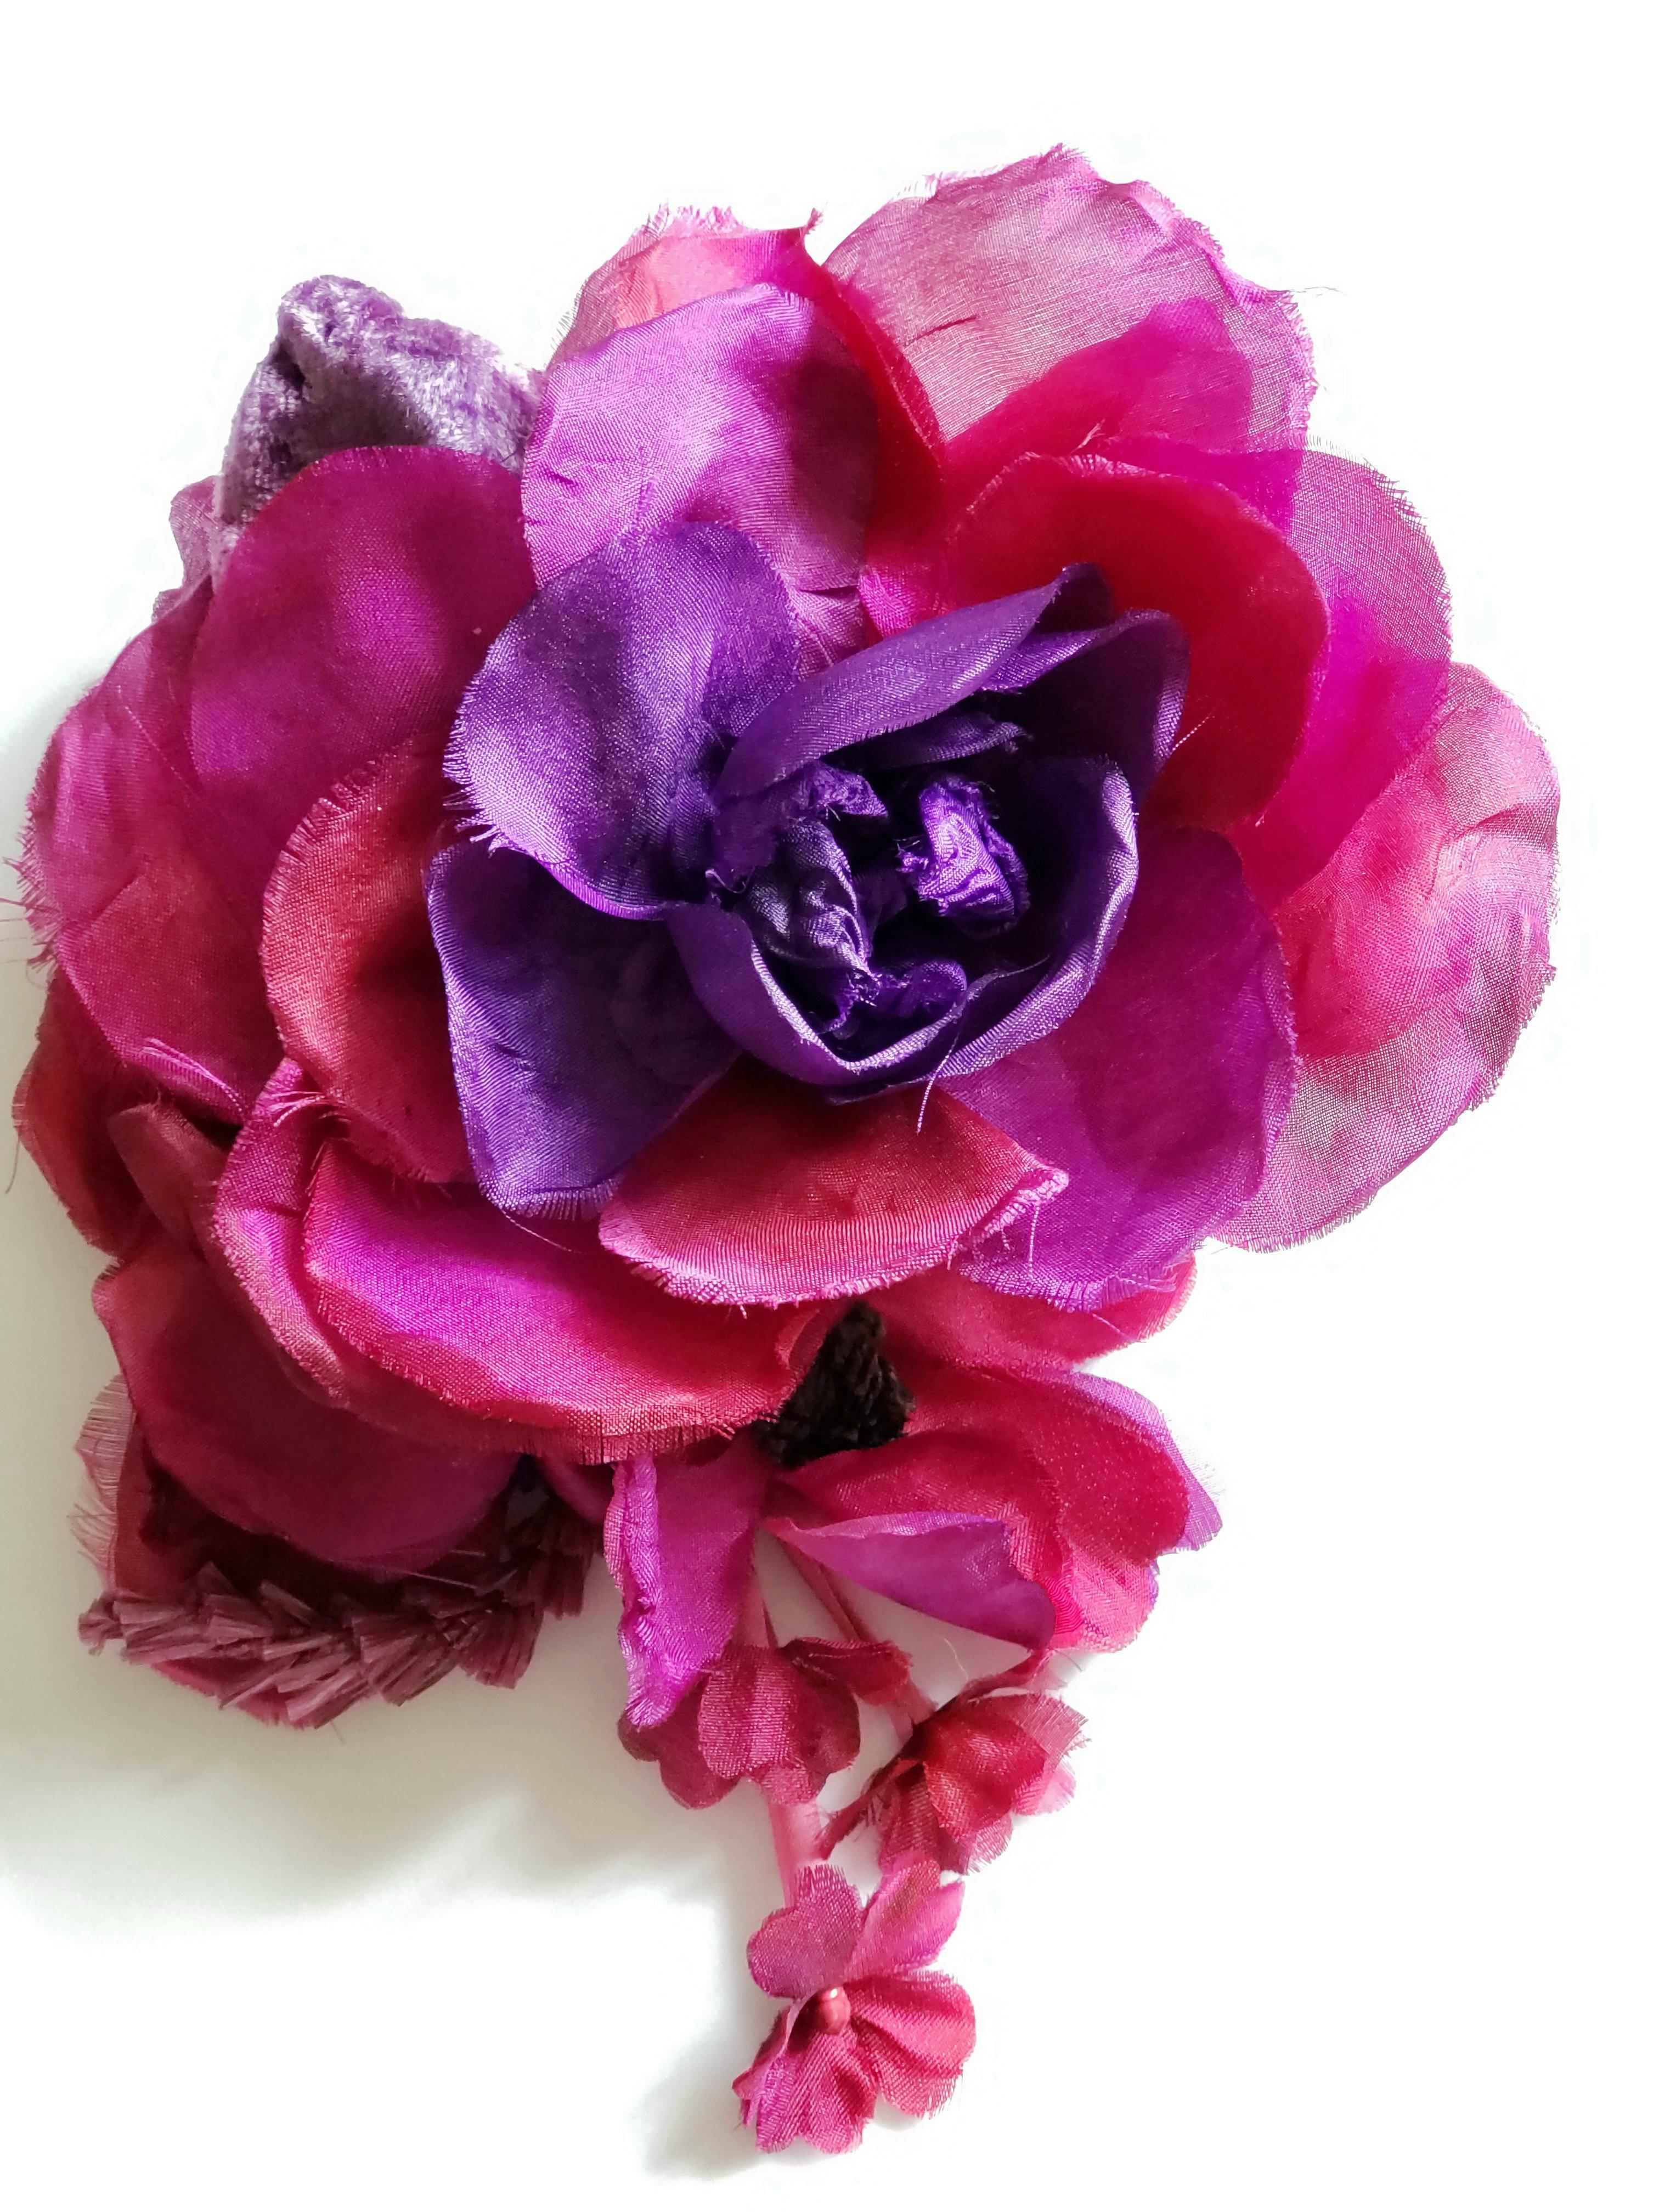 Lyst gucci silk flower brooch gucci multicolor silk flower brooch lyst view fullscreen mightylinksfo